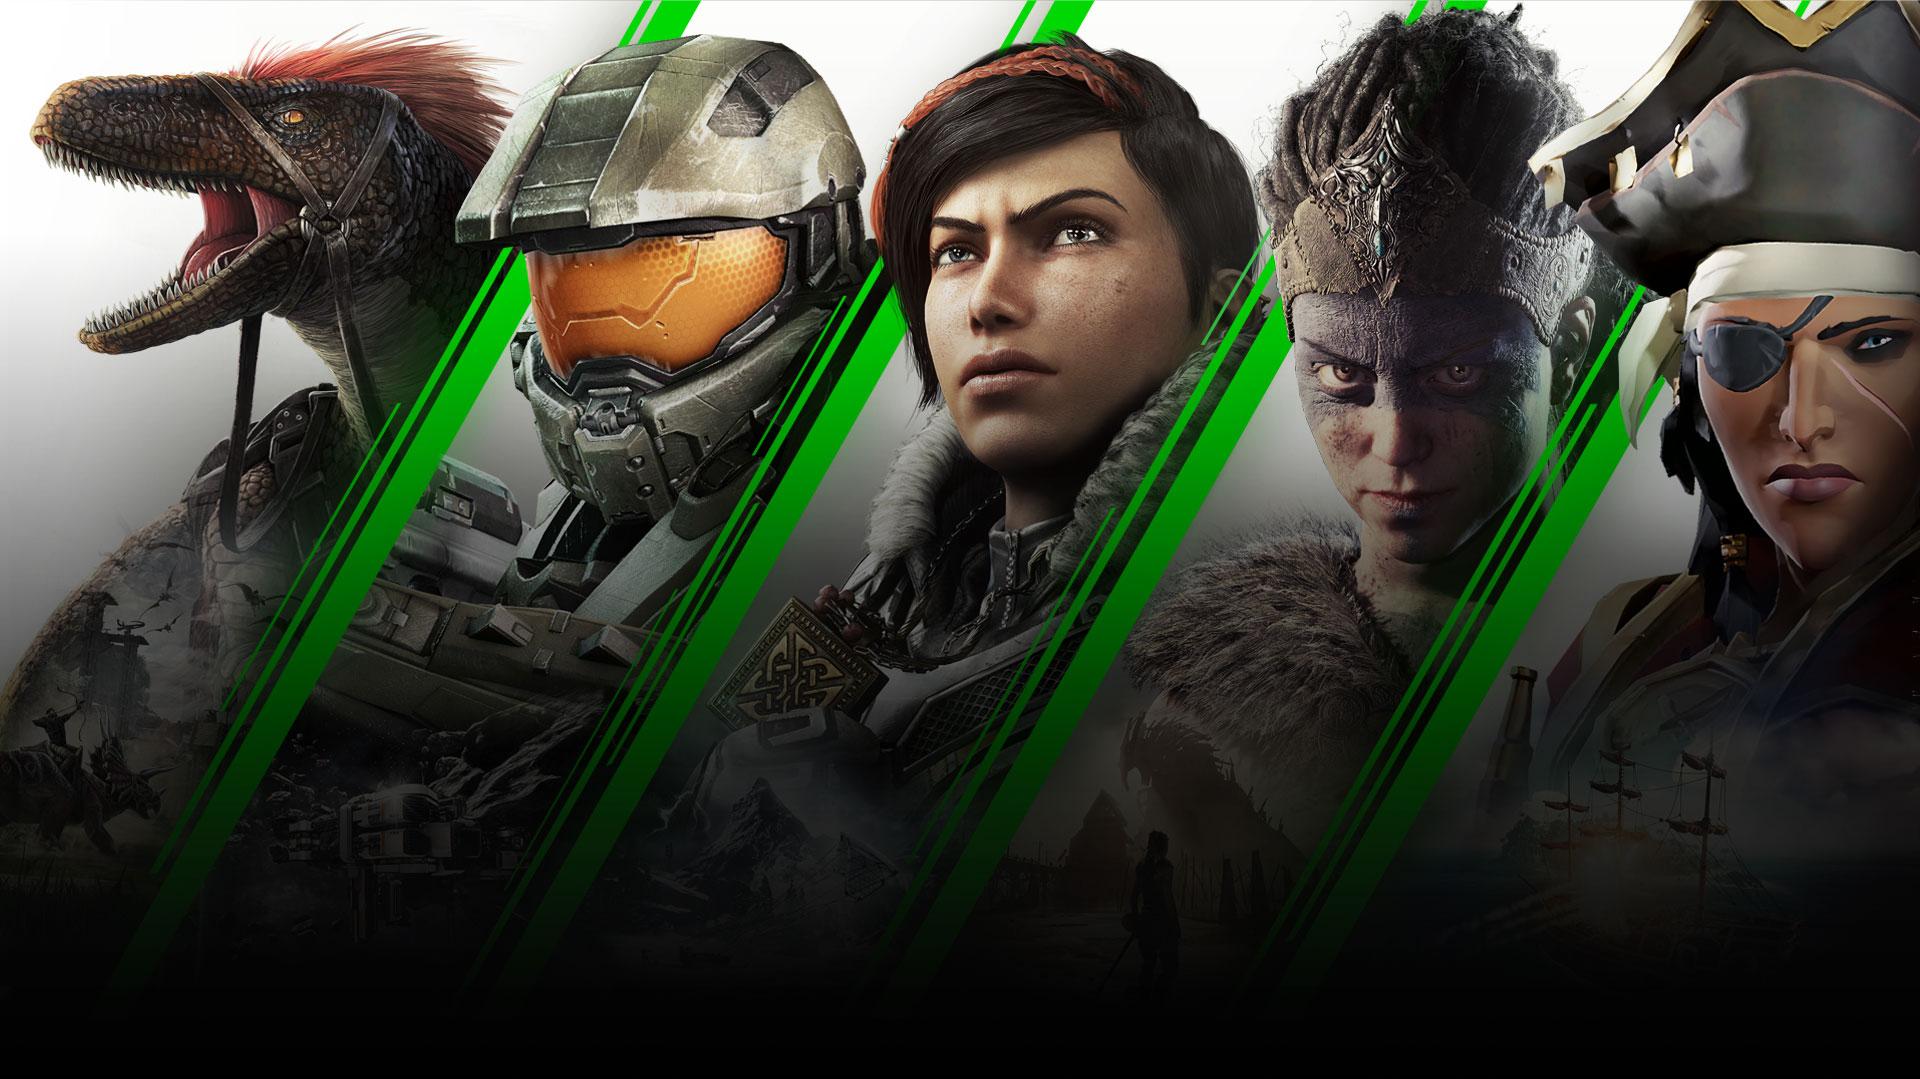 Ενημέρωση συμπαικτών Halo 4 αρραβωνιάζεται μετά από 1 χρόνο γνωριμιών